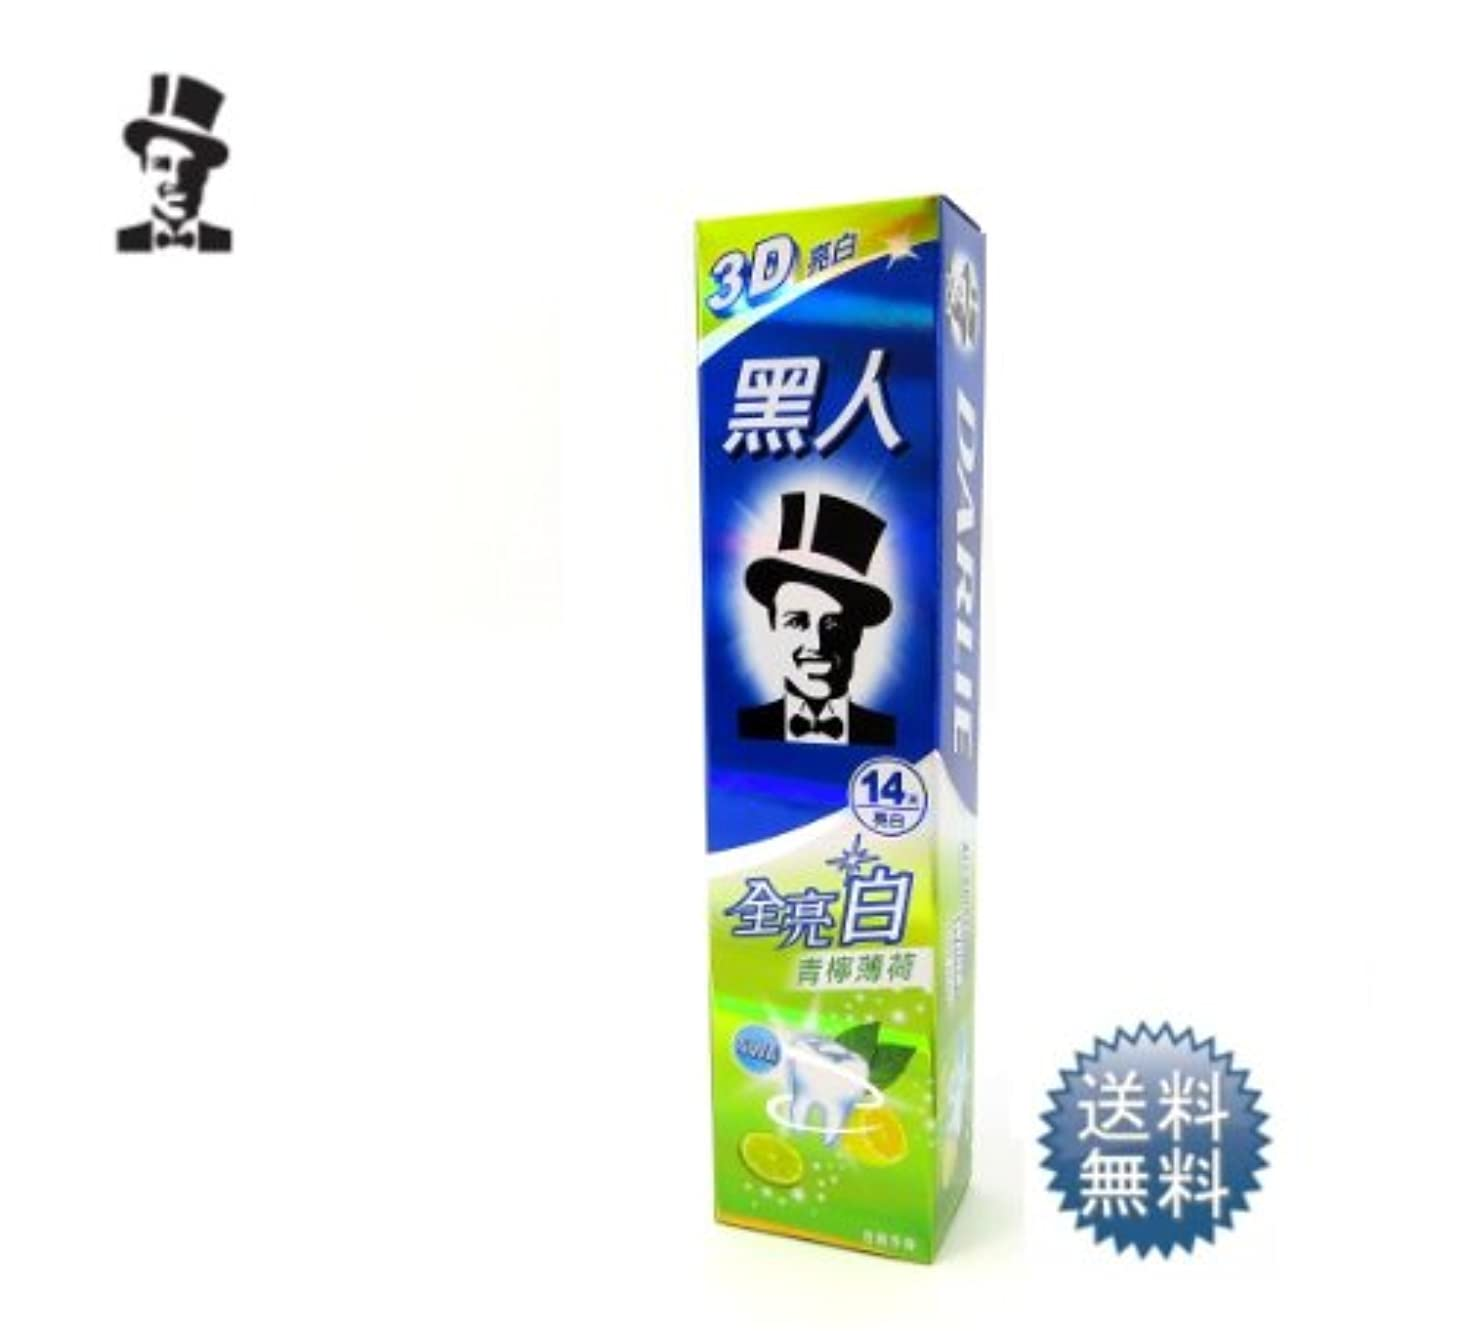 見る人接地大学院台湾 黒人 歯磨き 全亮白 青檸薄荷 140g